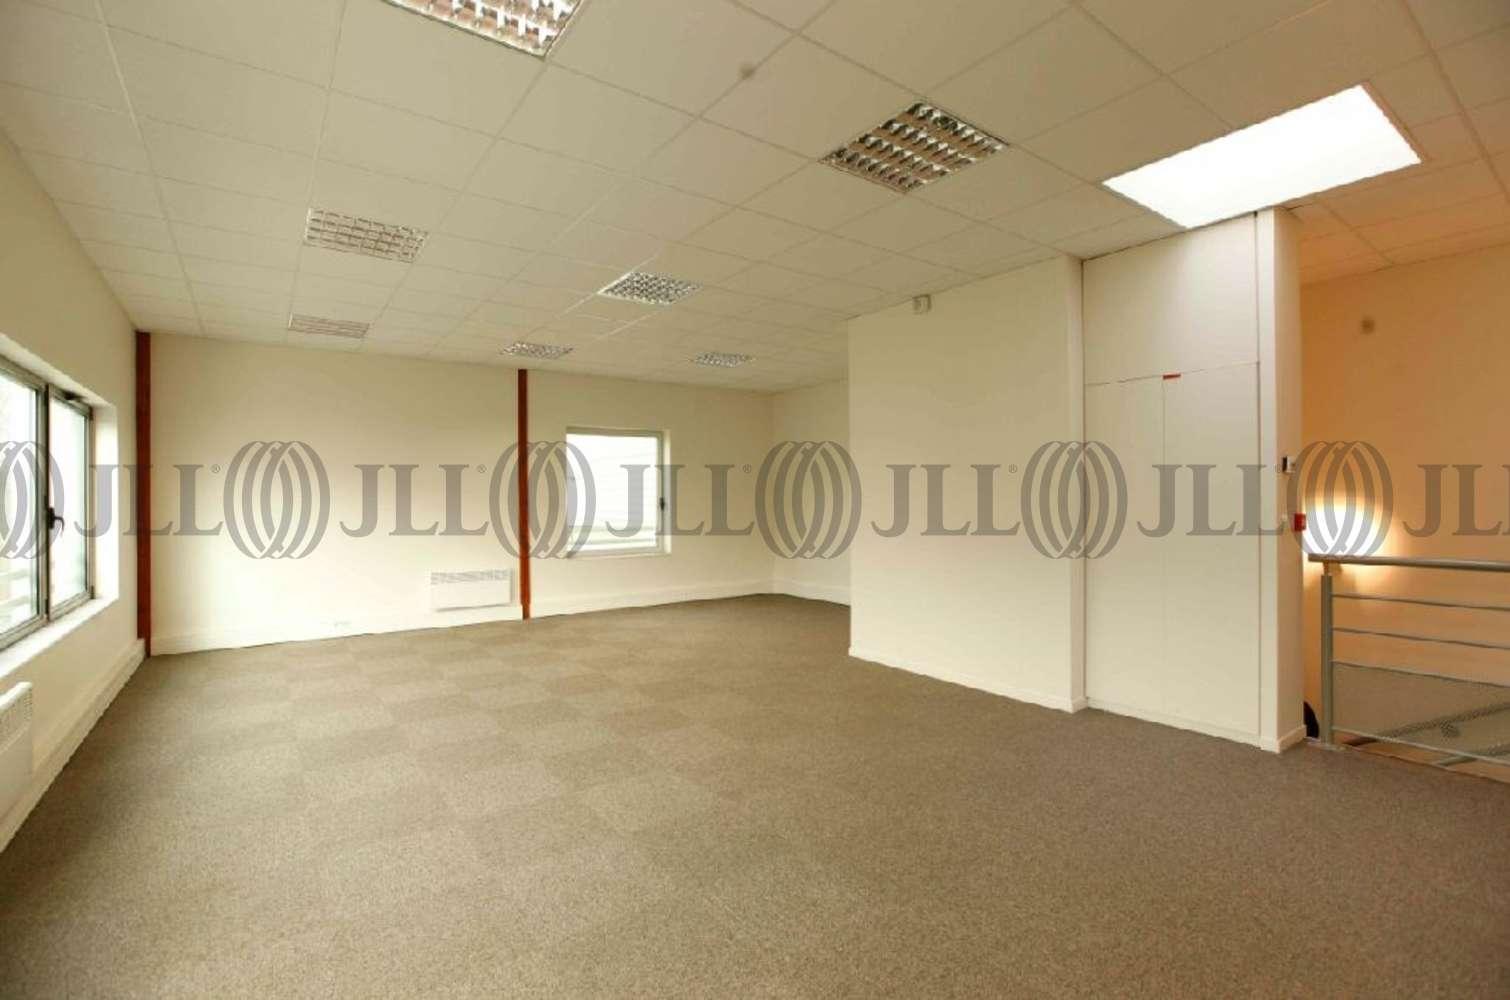 Activités/entrepôt Le bourget, 93350 - LE PARC DE L'ESPACE - 10321080